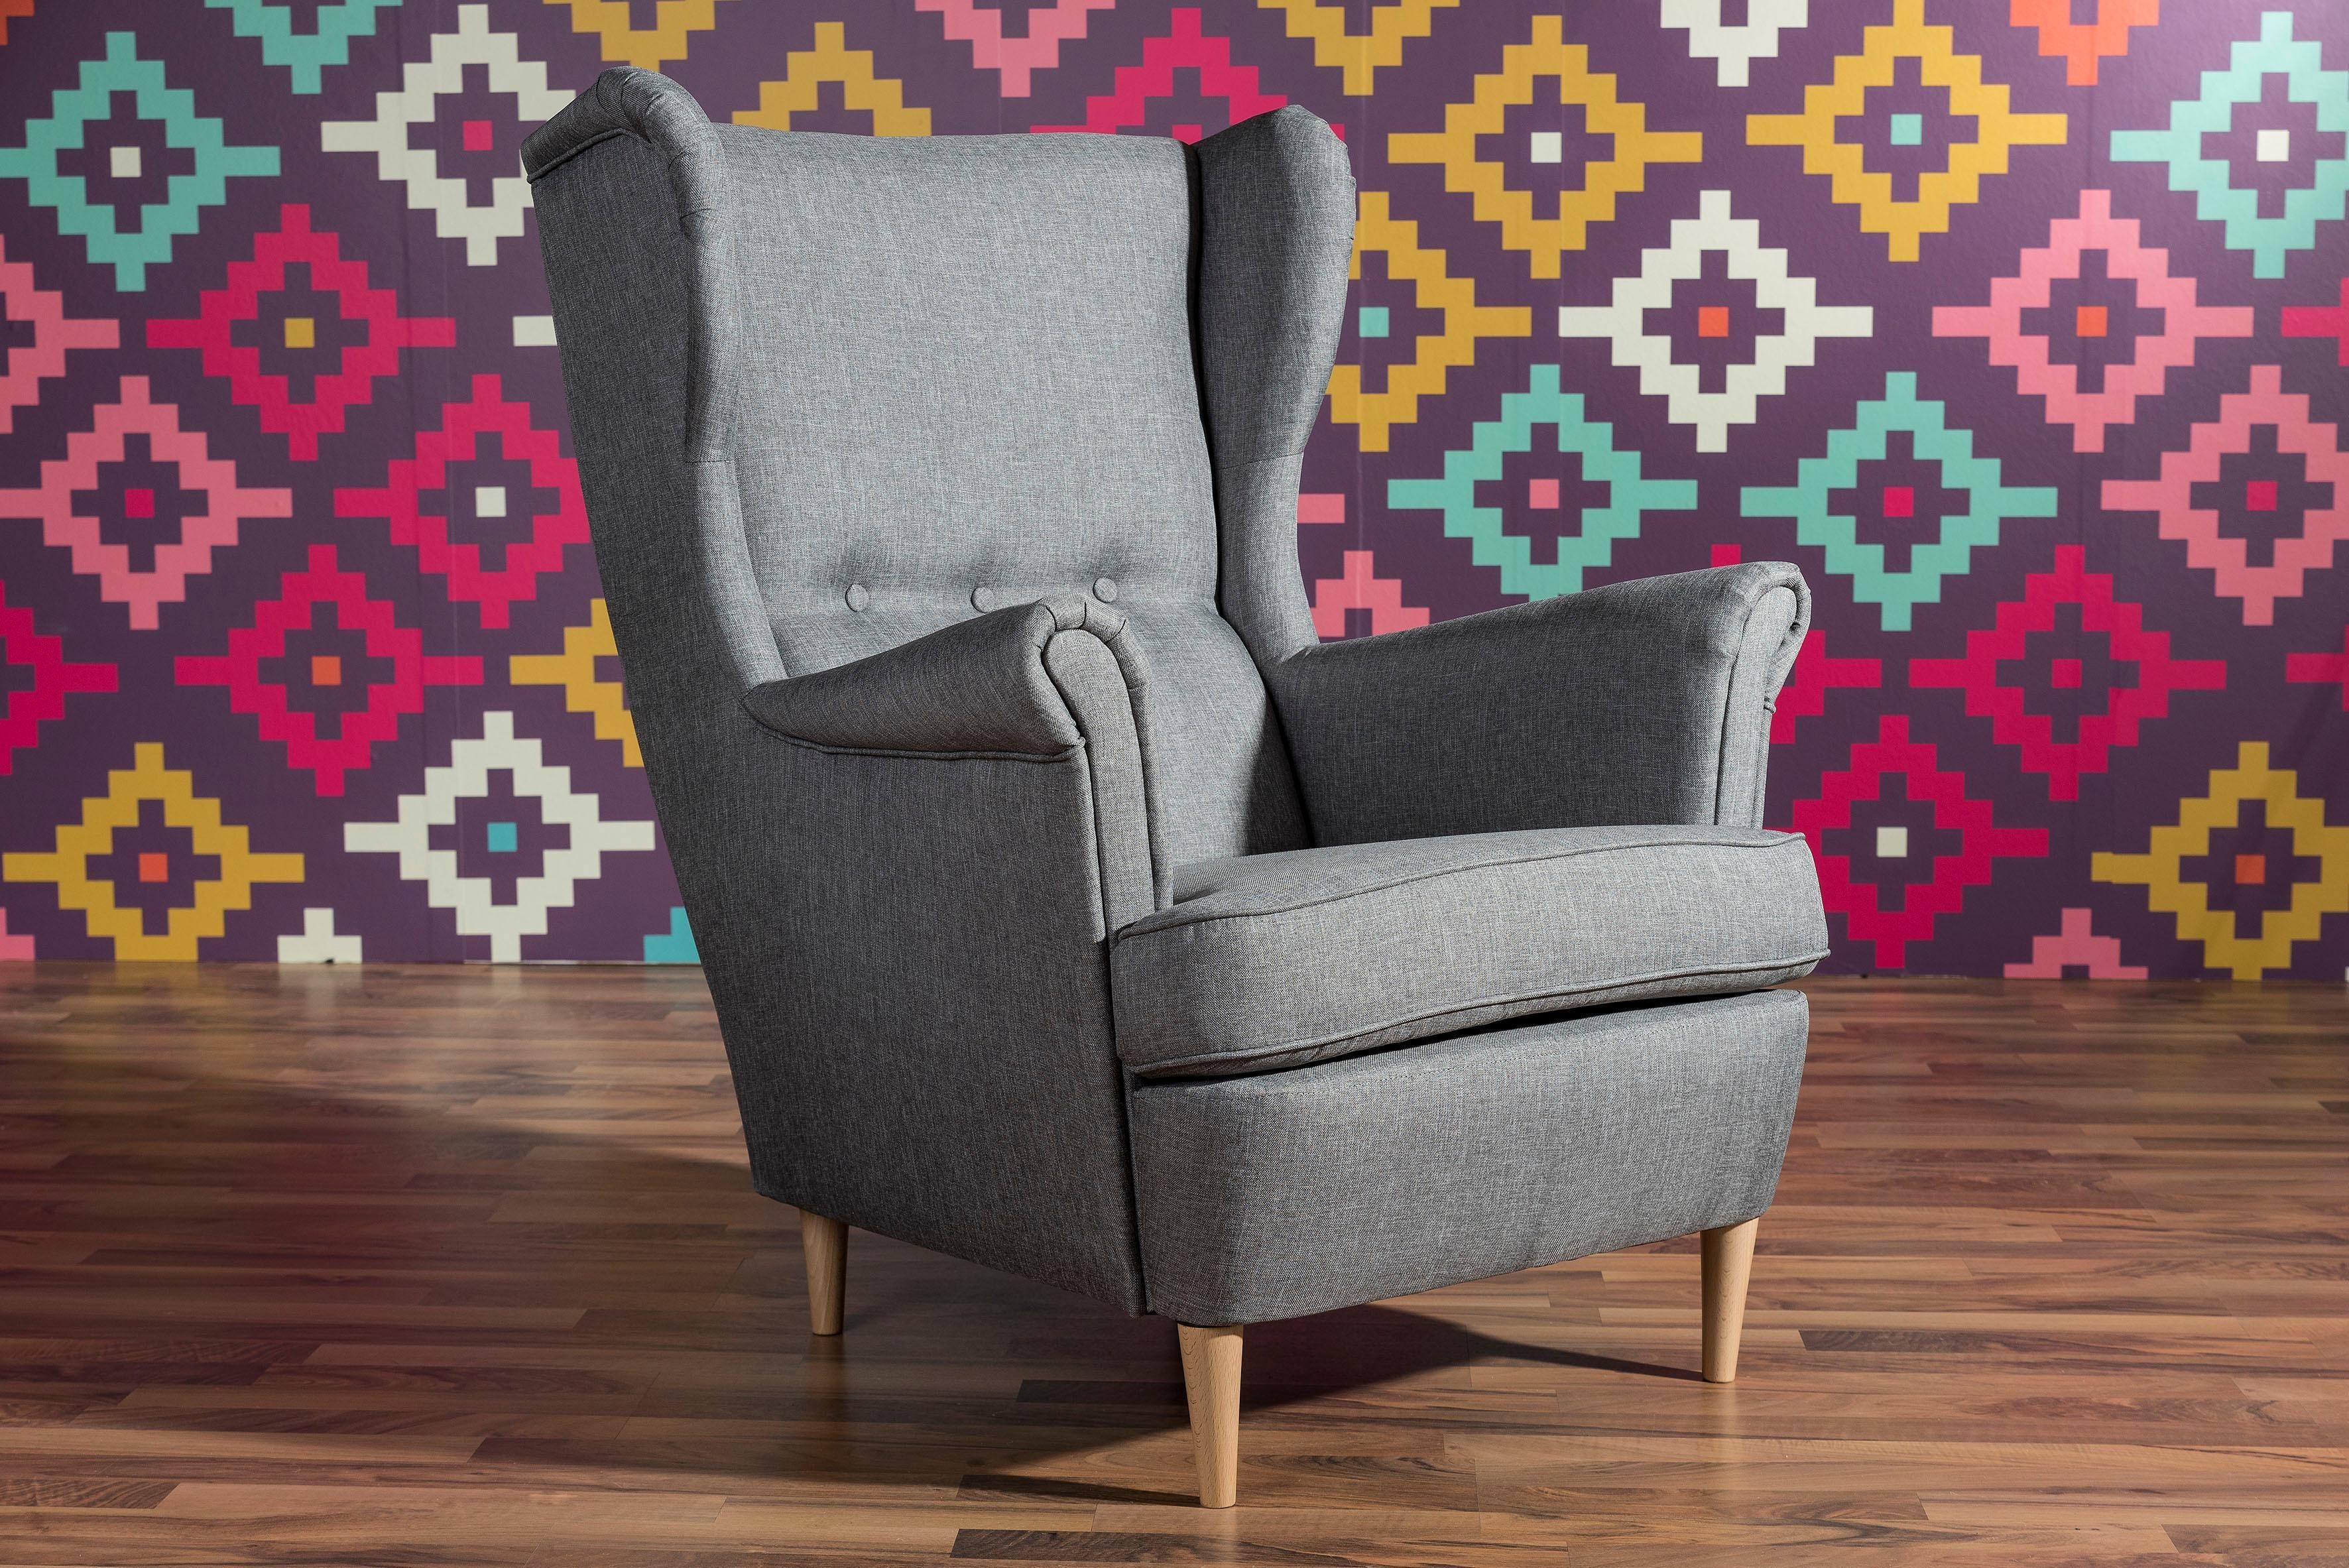 westwingnow de ohrensessel online kaufen m bel. Black Bedroom Furniture Sets. Home Design Ideas